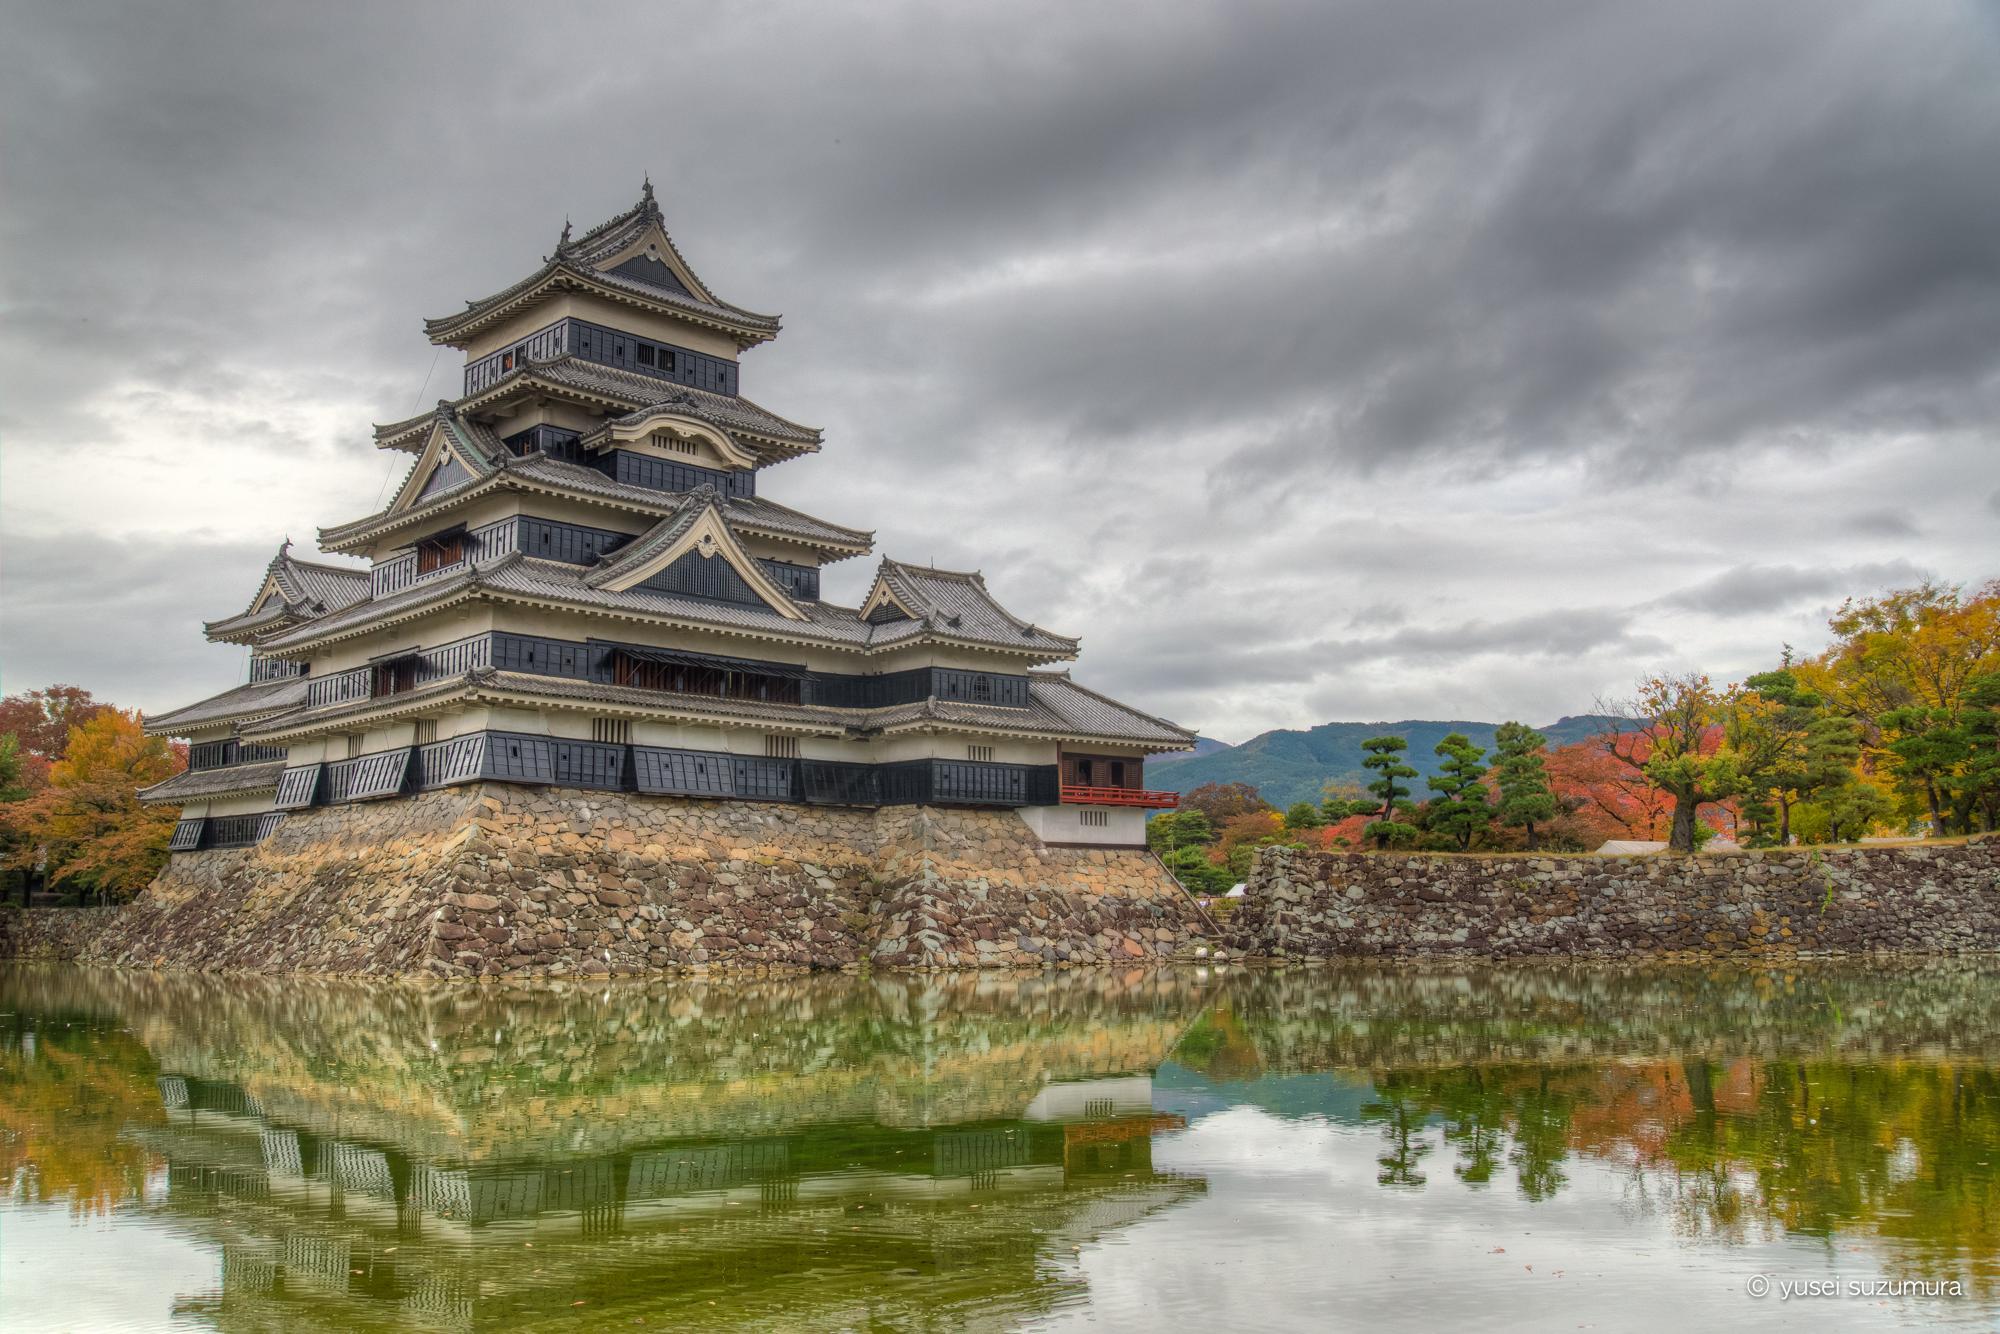 曇りの撮影でも問題ない!?紅葉の松本城をHDRしてみた。